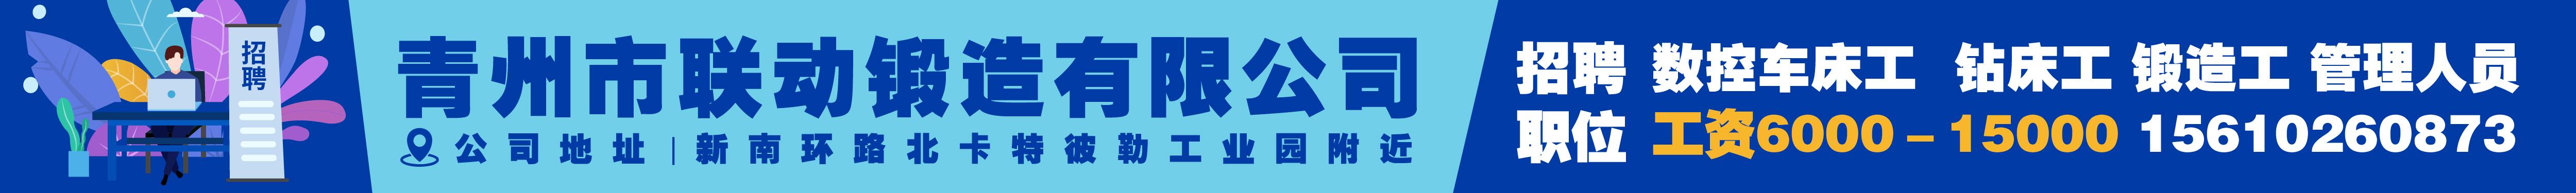 青州市聯動鍛造有限公司